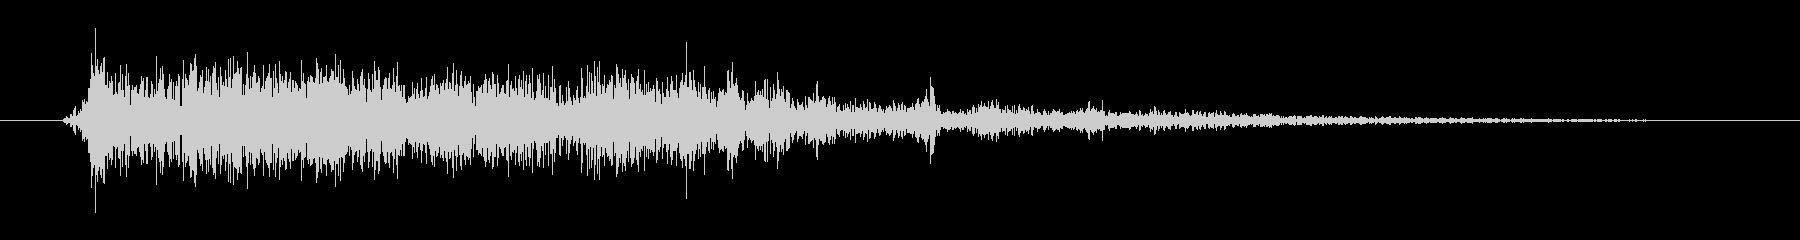 クラーケン うなり声03の未再生の波形